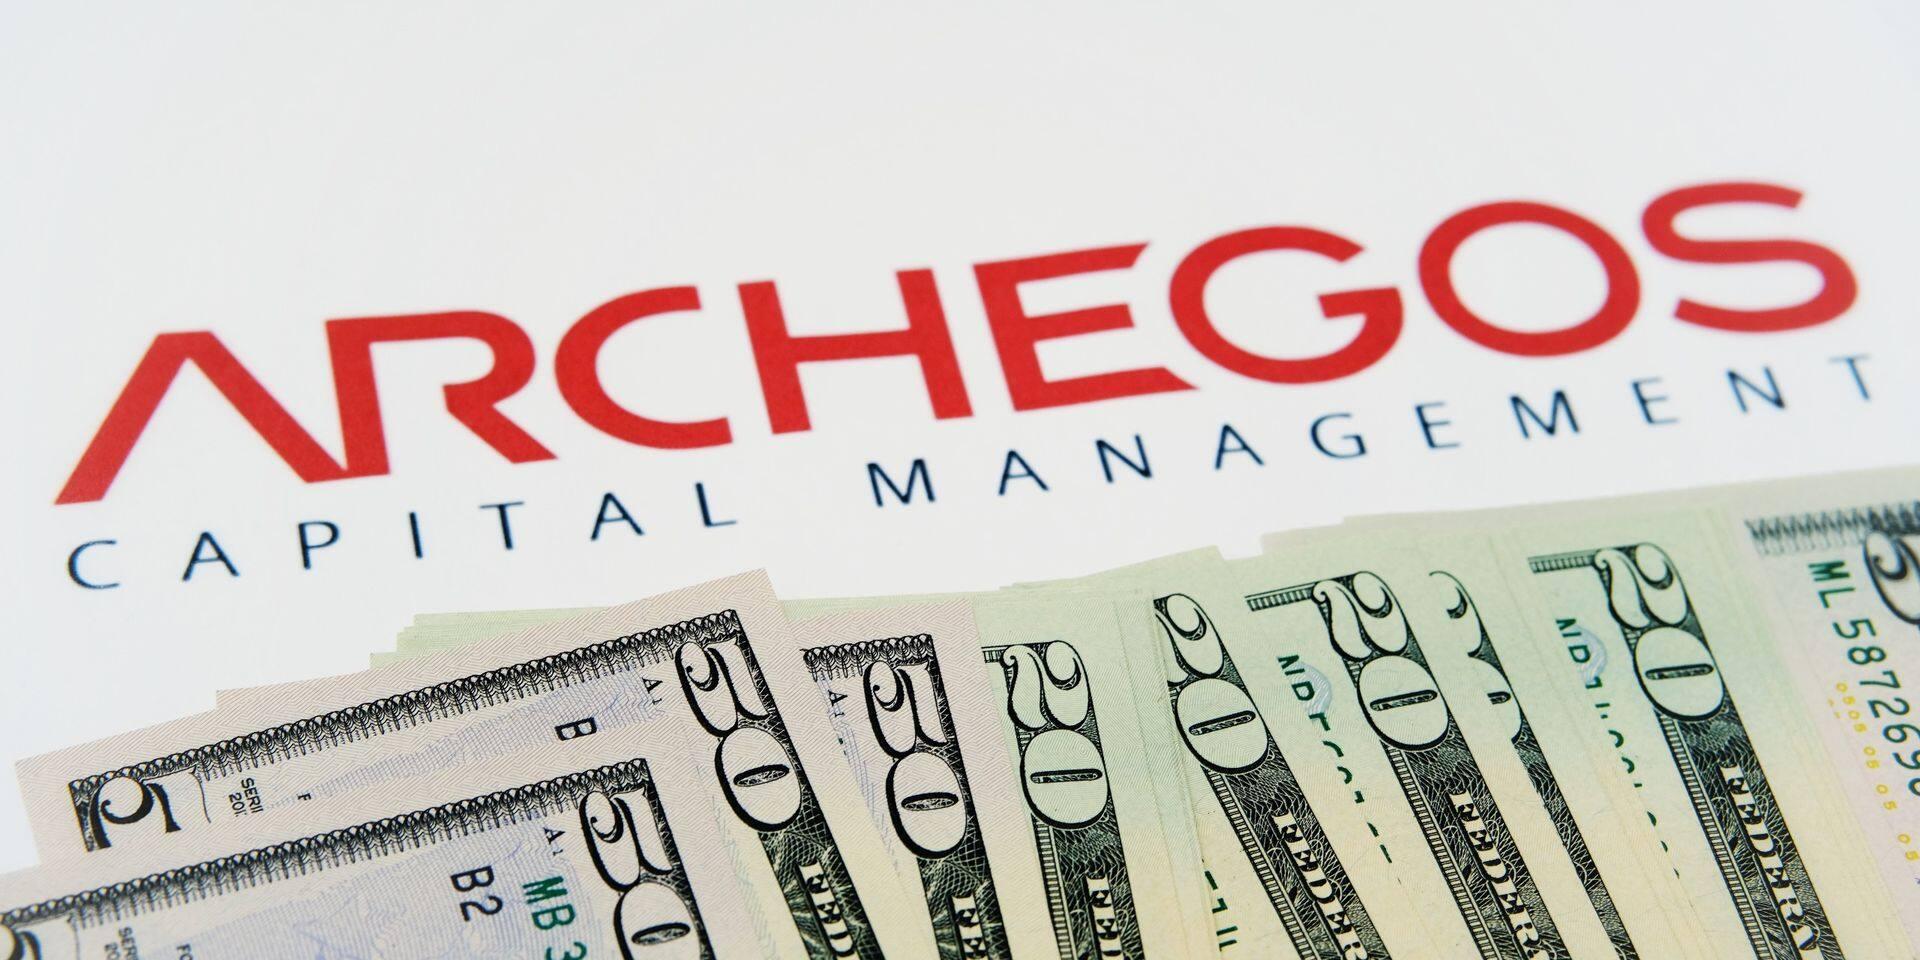 Les pertes du scandale Archegos dépassent désormais les 10 milliards de dollars